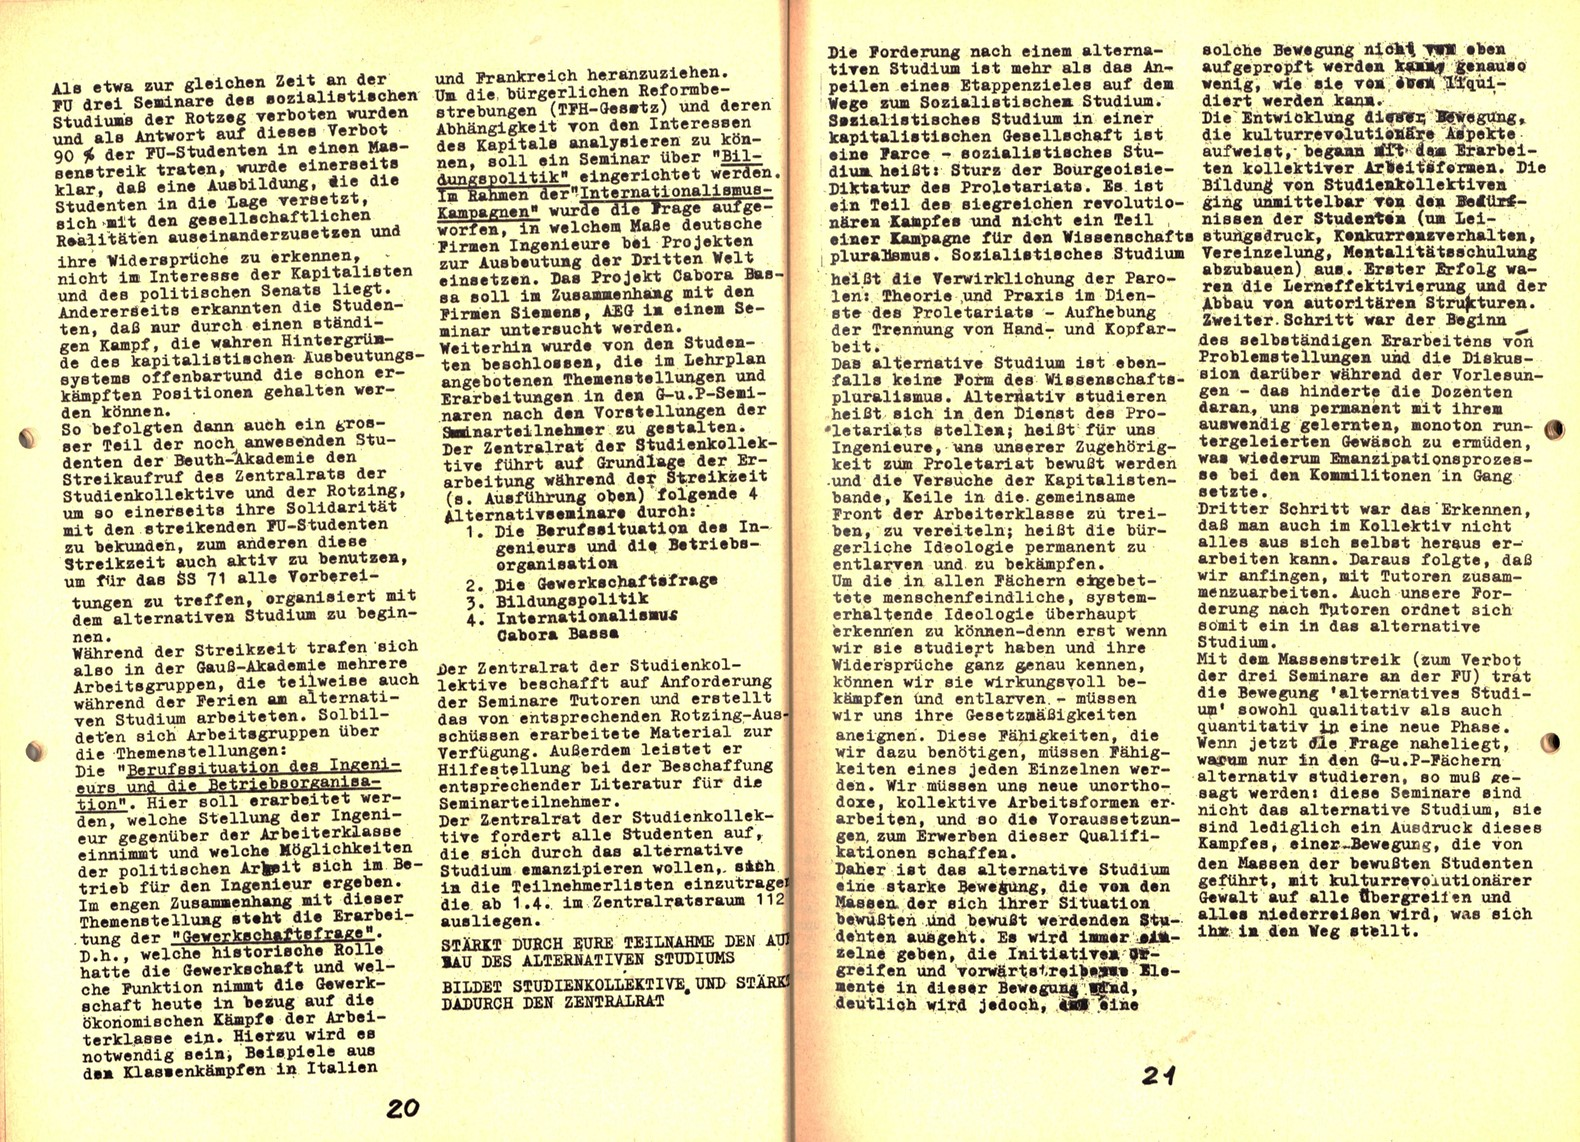 Berlin_Rotzing_1971_Kampfbericht_11